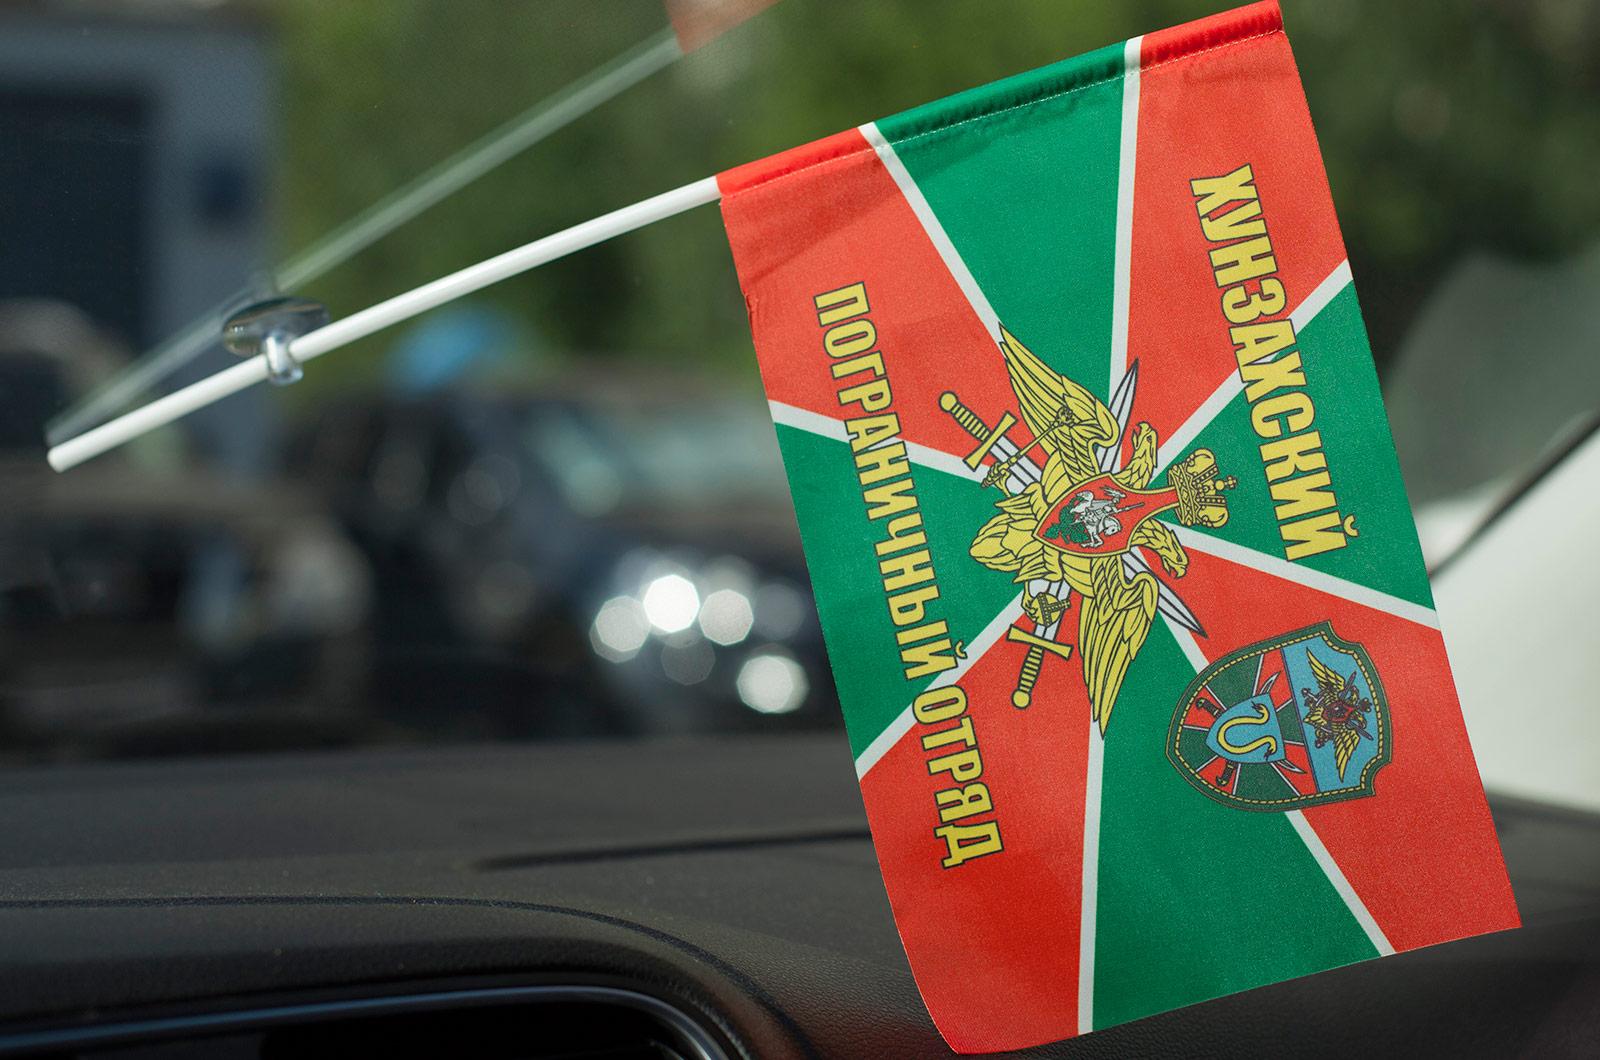 Флажок в машину «Хунзахский пограничный отряд»